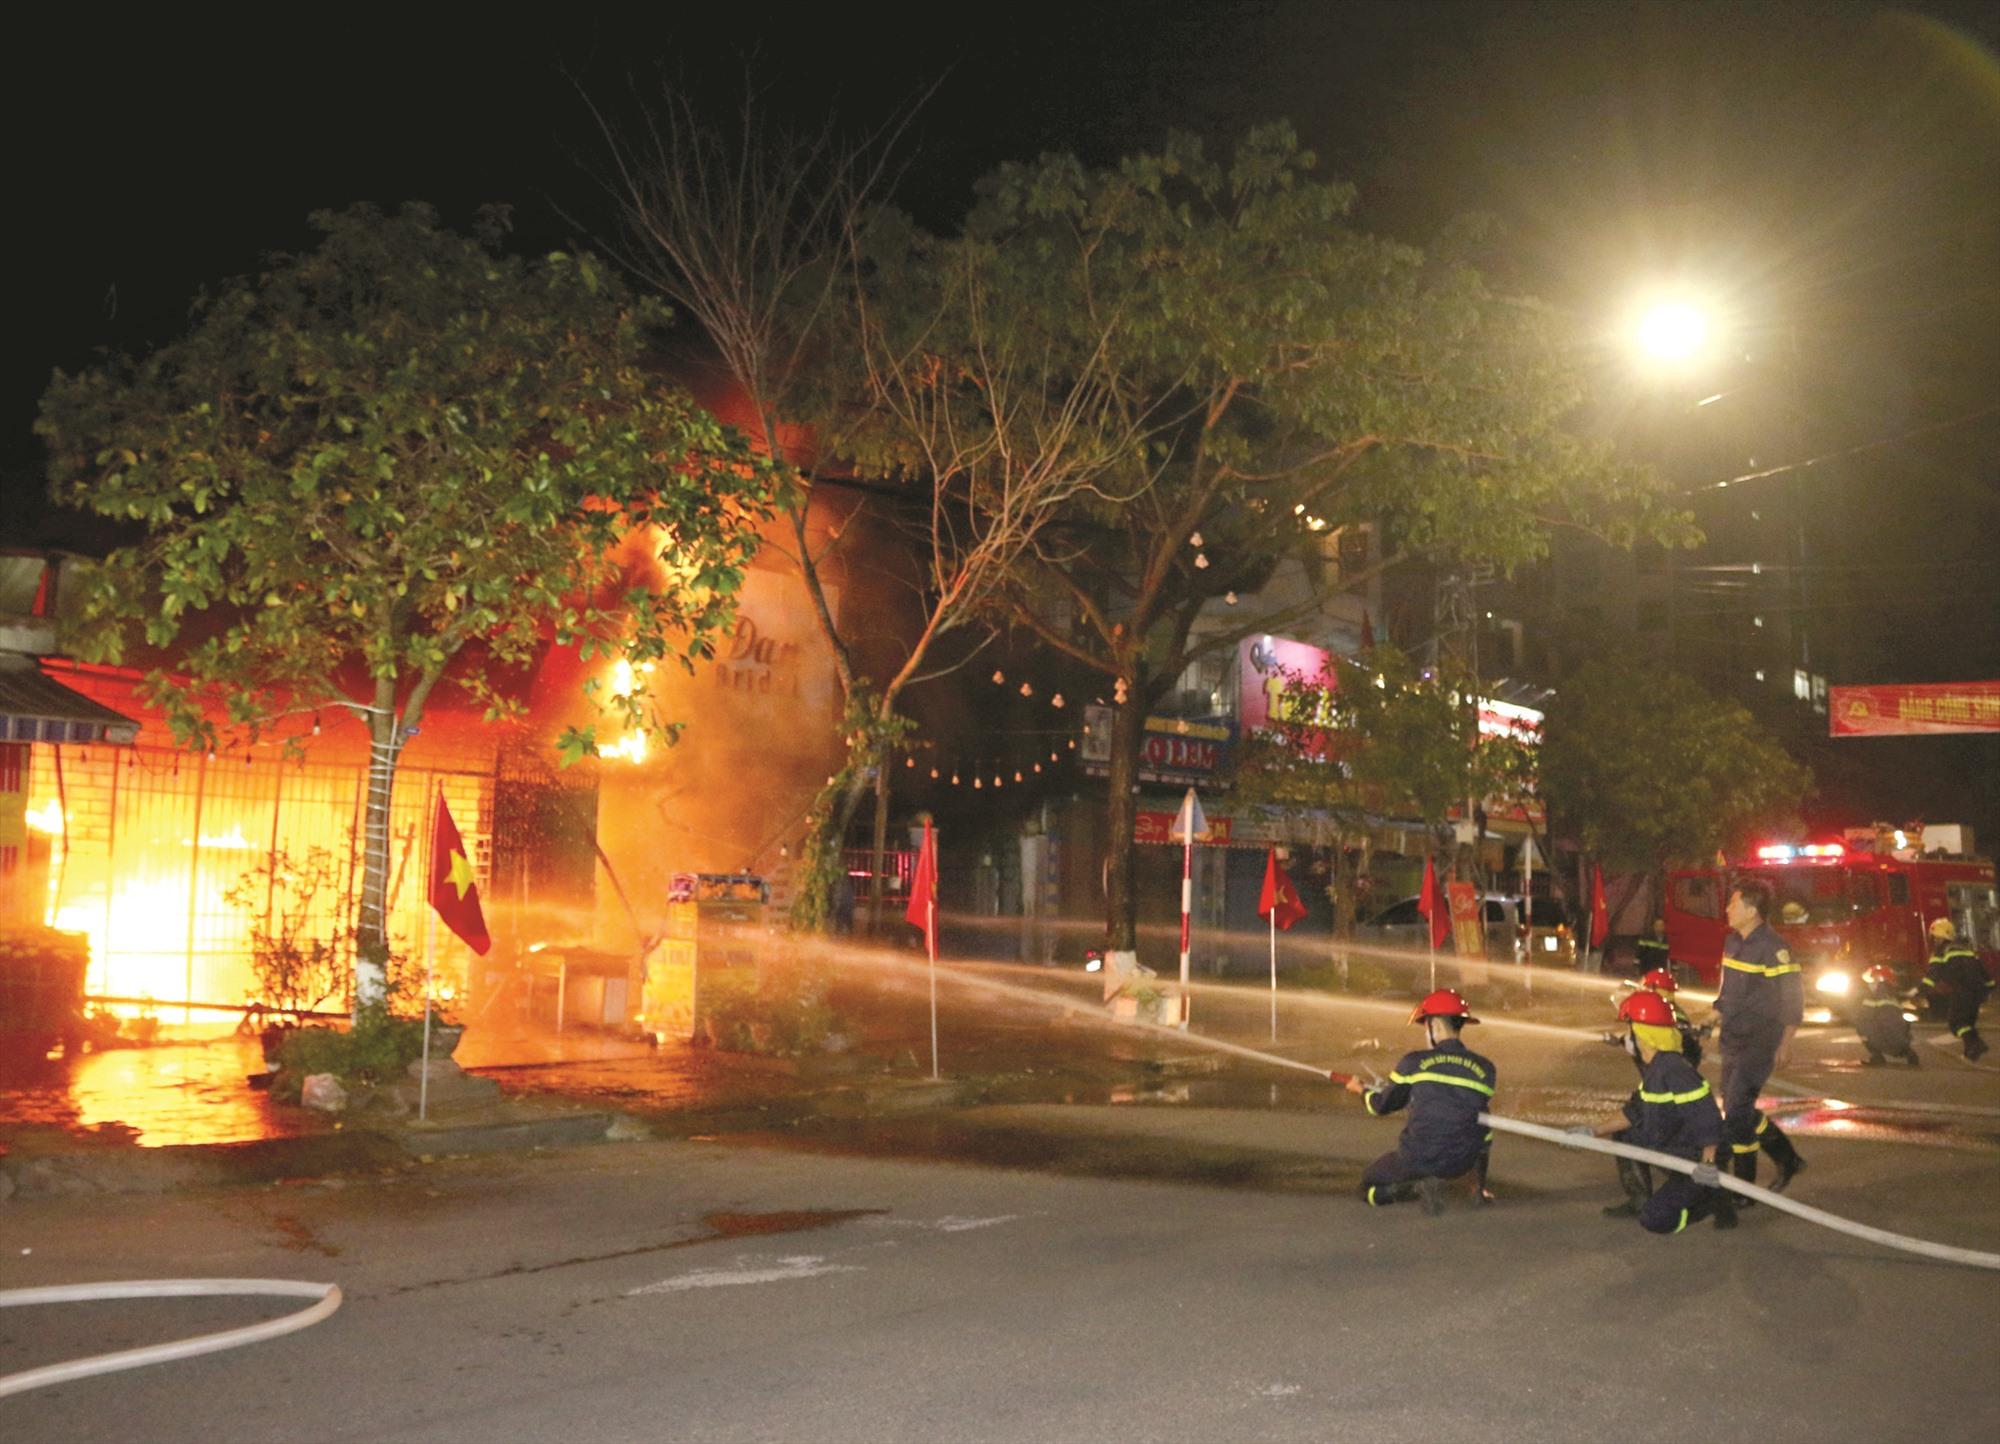 Đã có 23 vụ cháy xảy ra trên địa bàn tỉnh từ đầu năm đến nay, gây thiệt hại khoảng 3,3 tỷ đồng. Ảnh: T.C